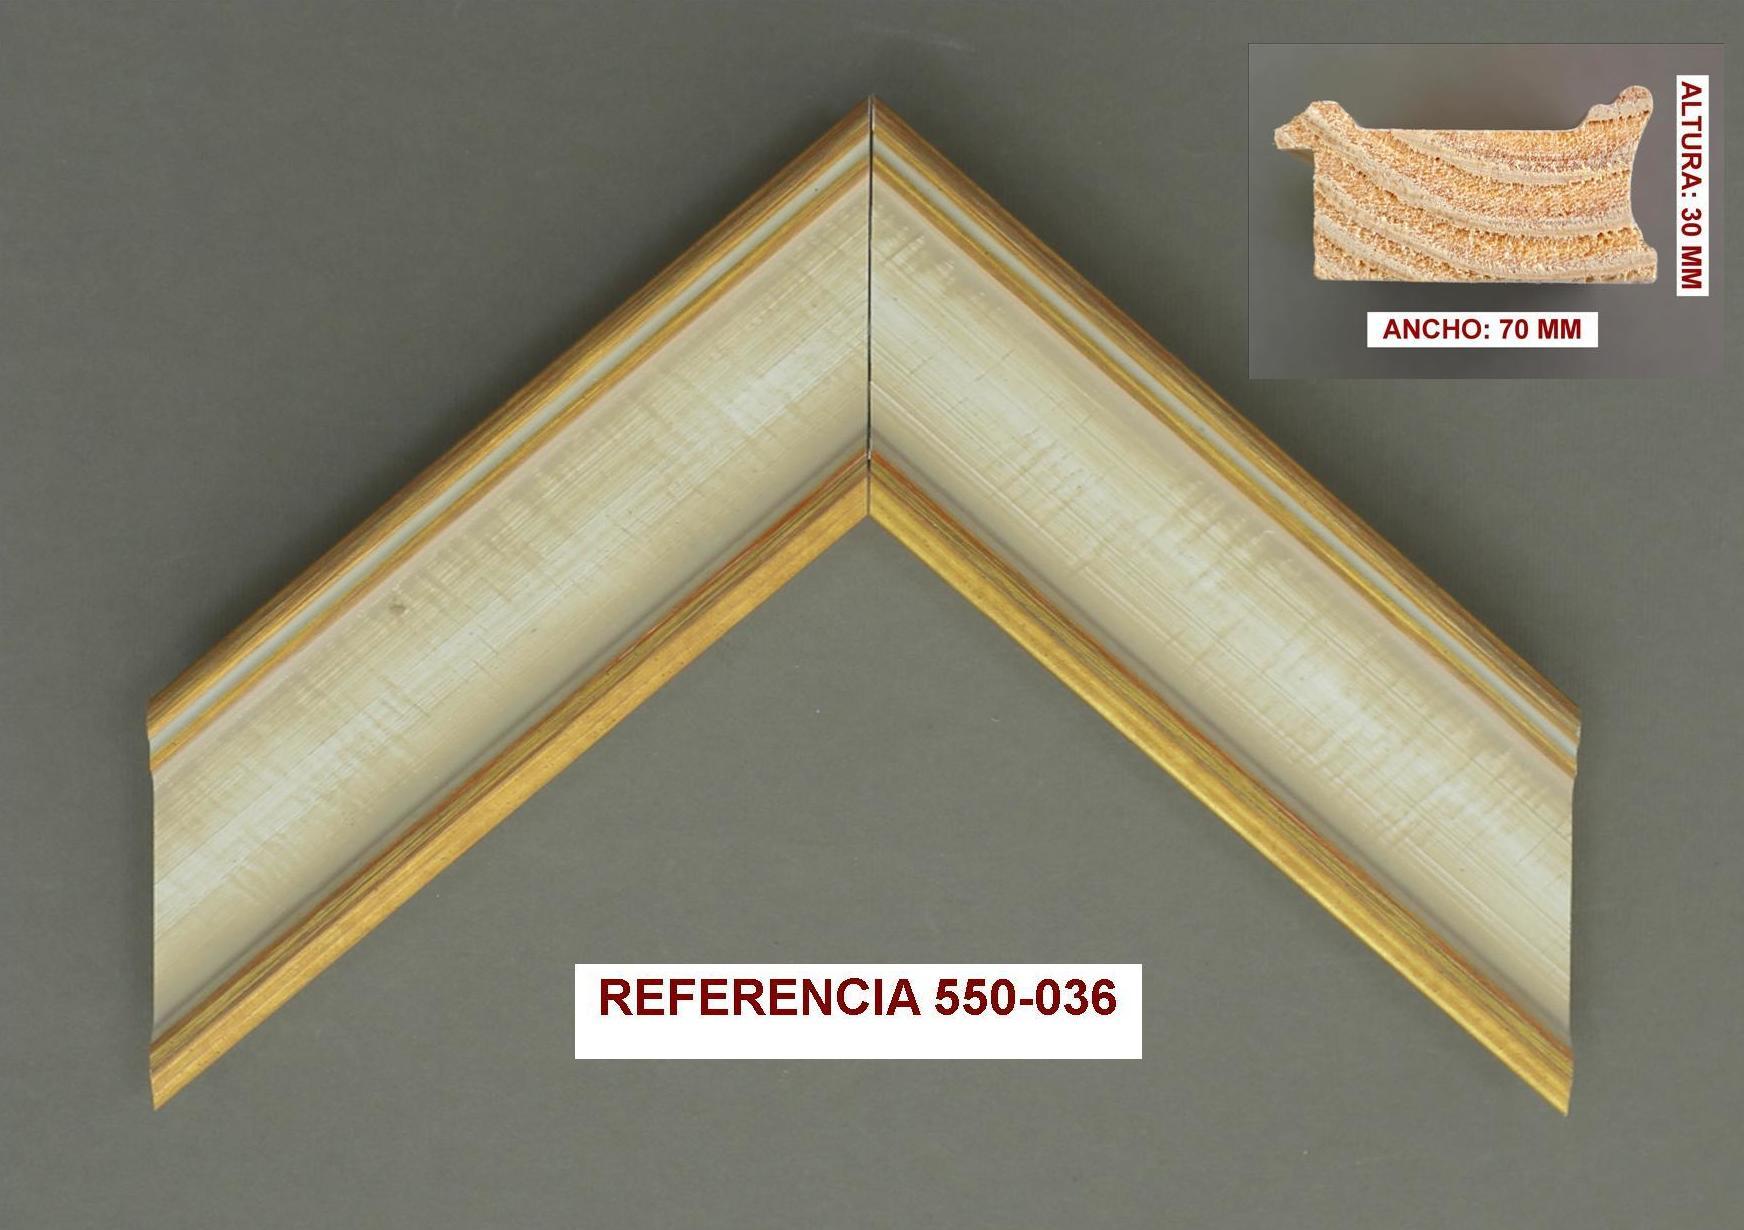 REF 550-036: Muestrario de Moldusevilla